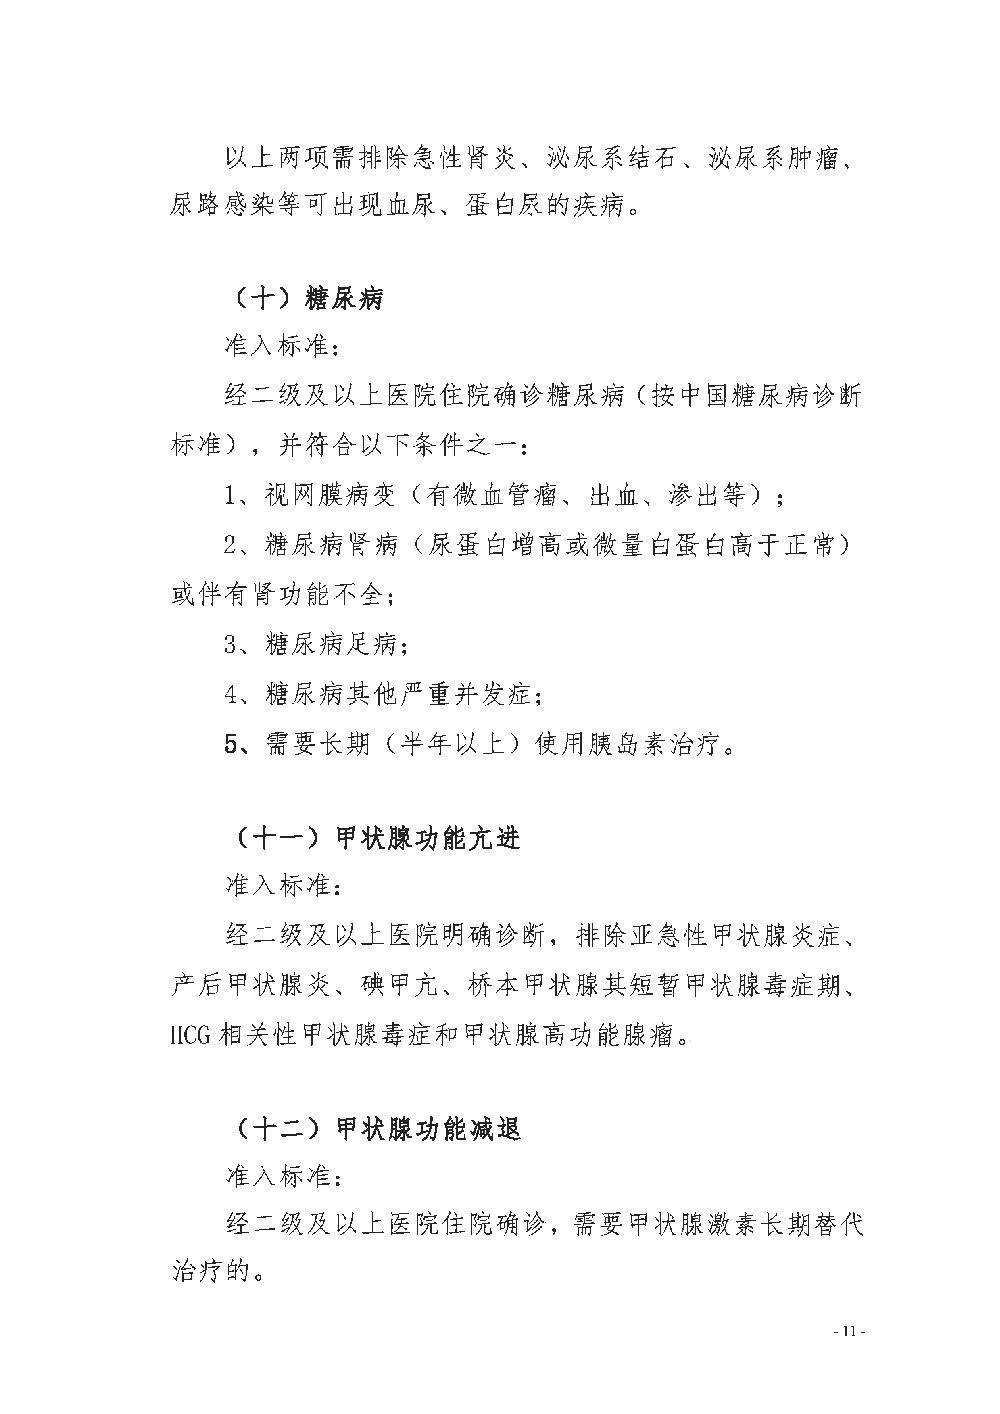 阜阳市城乡居民慢性病管理办法(1)_11.JPG